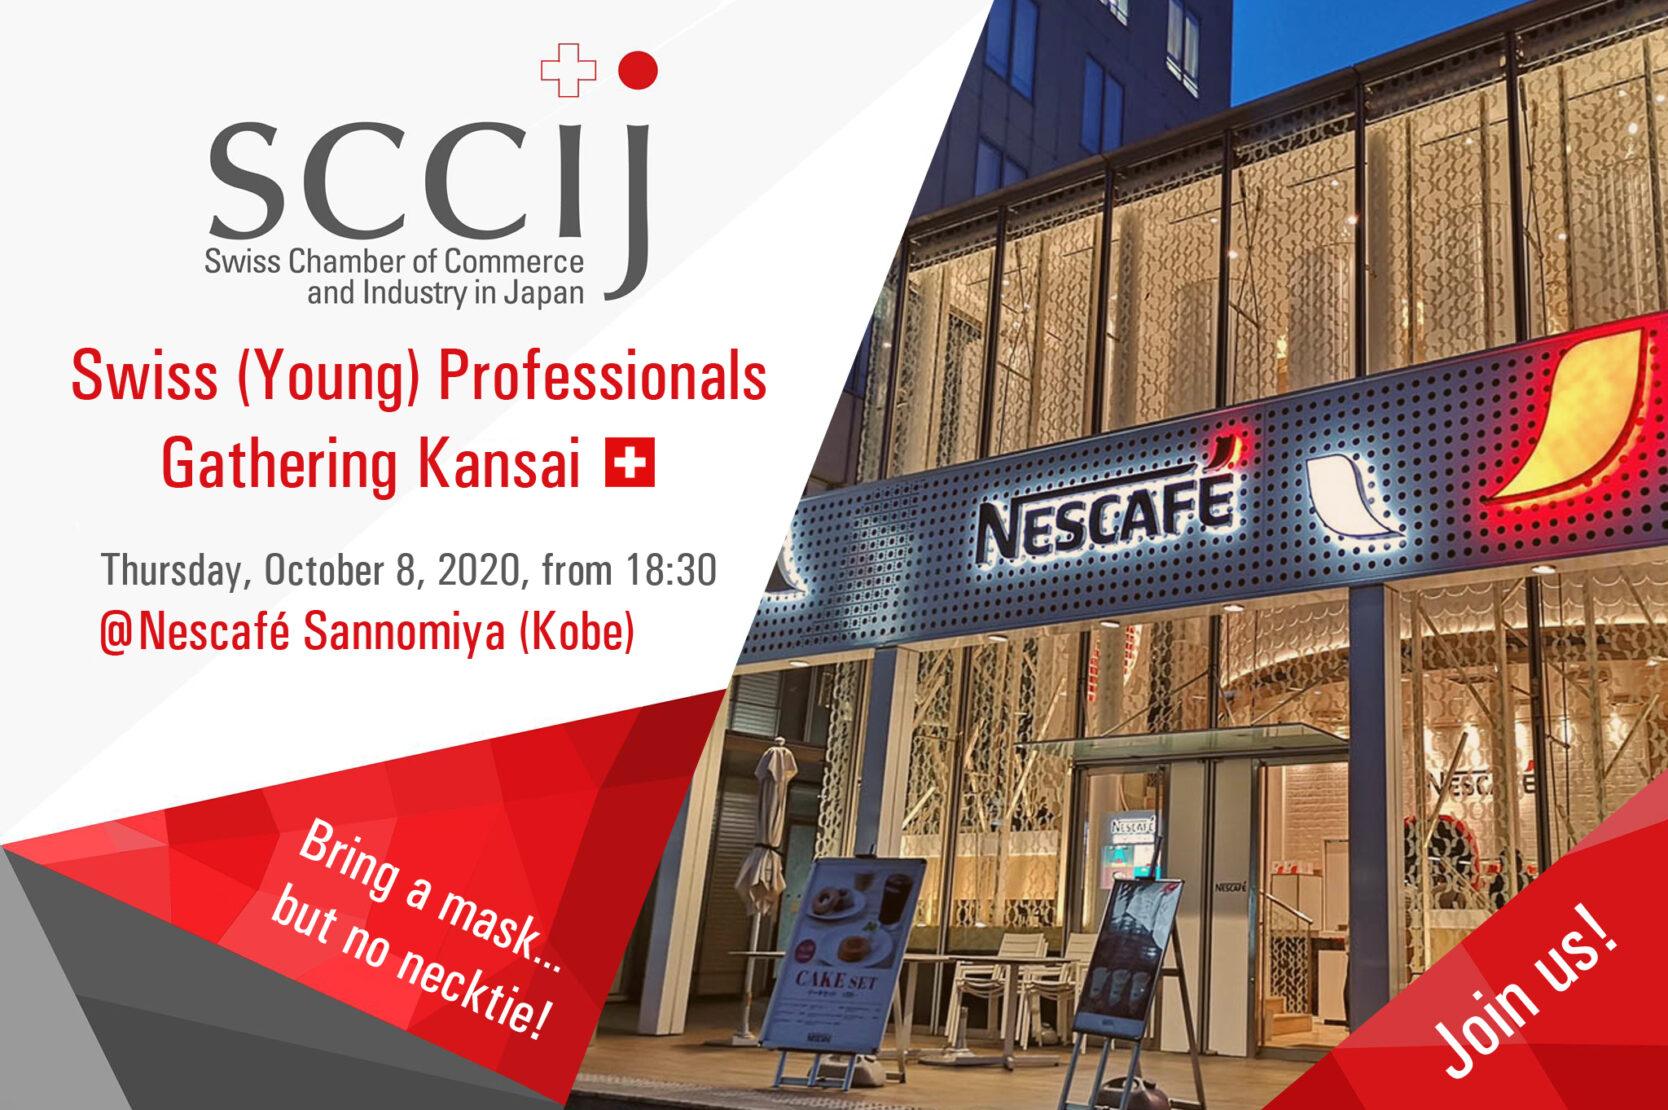 Swiss (Young) Professionals Gathering Kansai